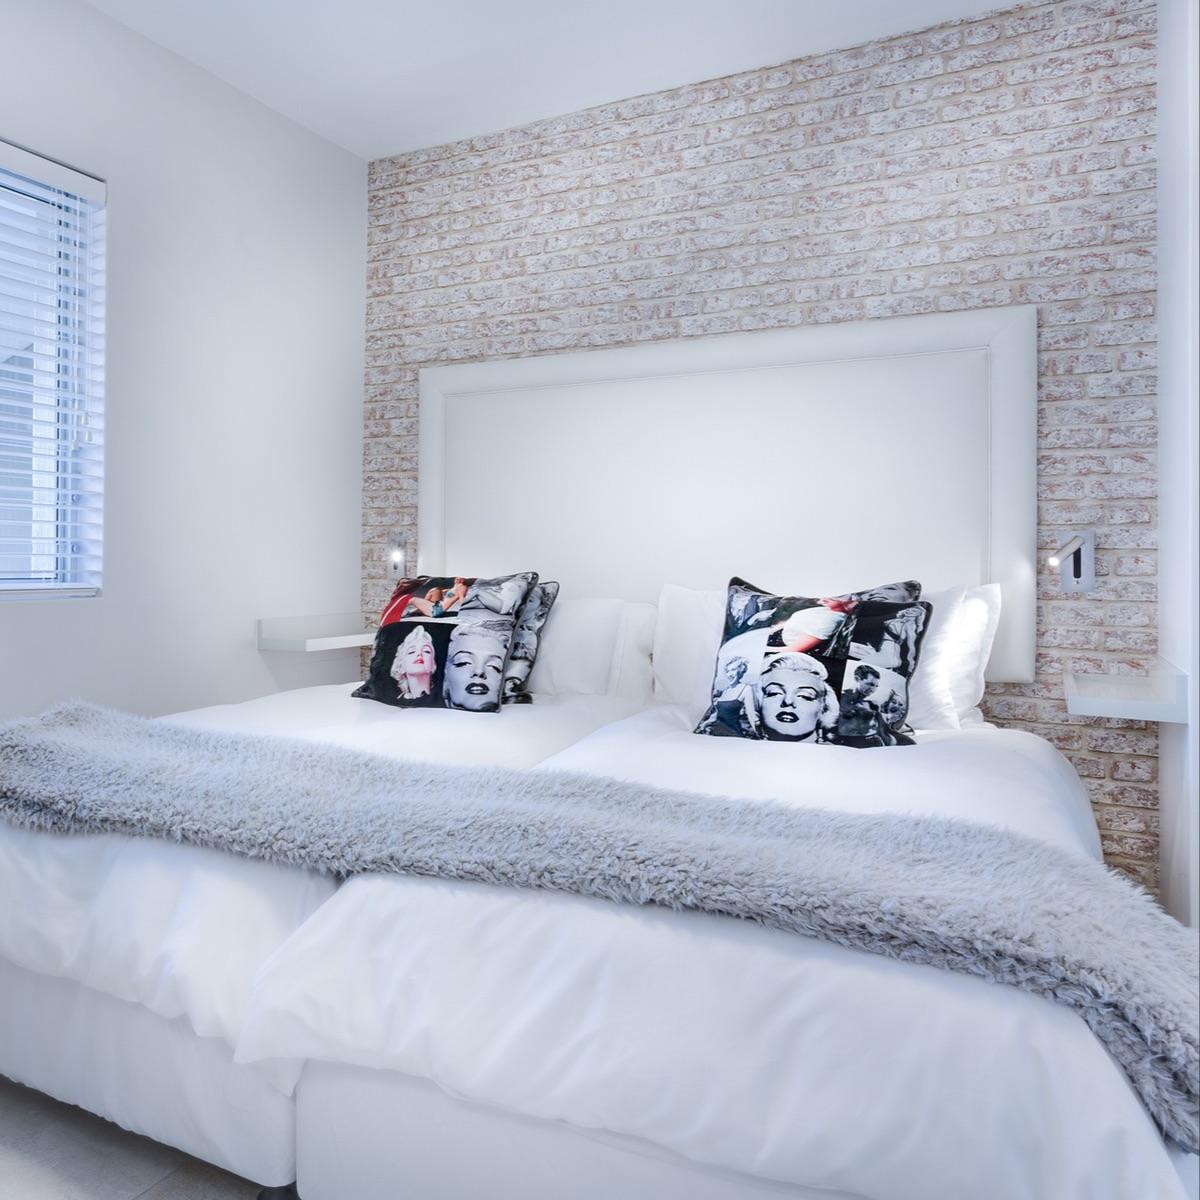 3 Bedrooms -